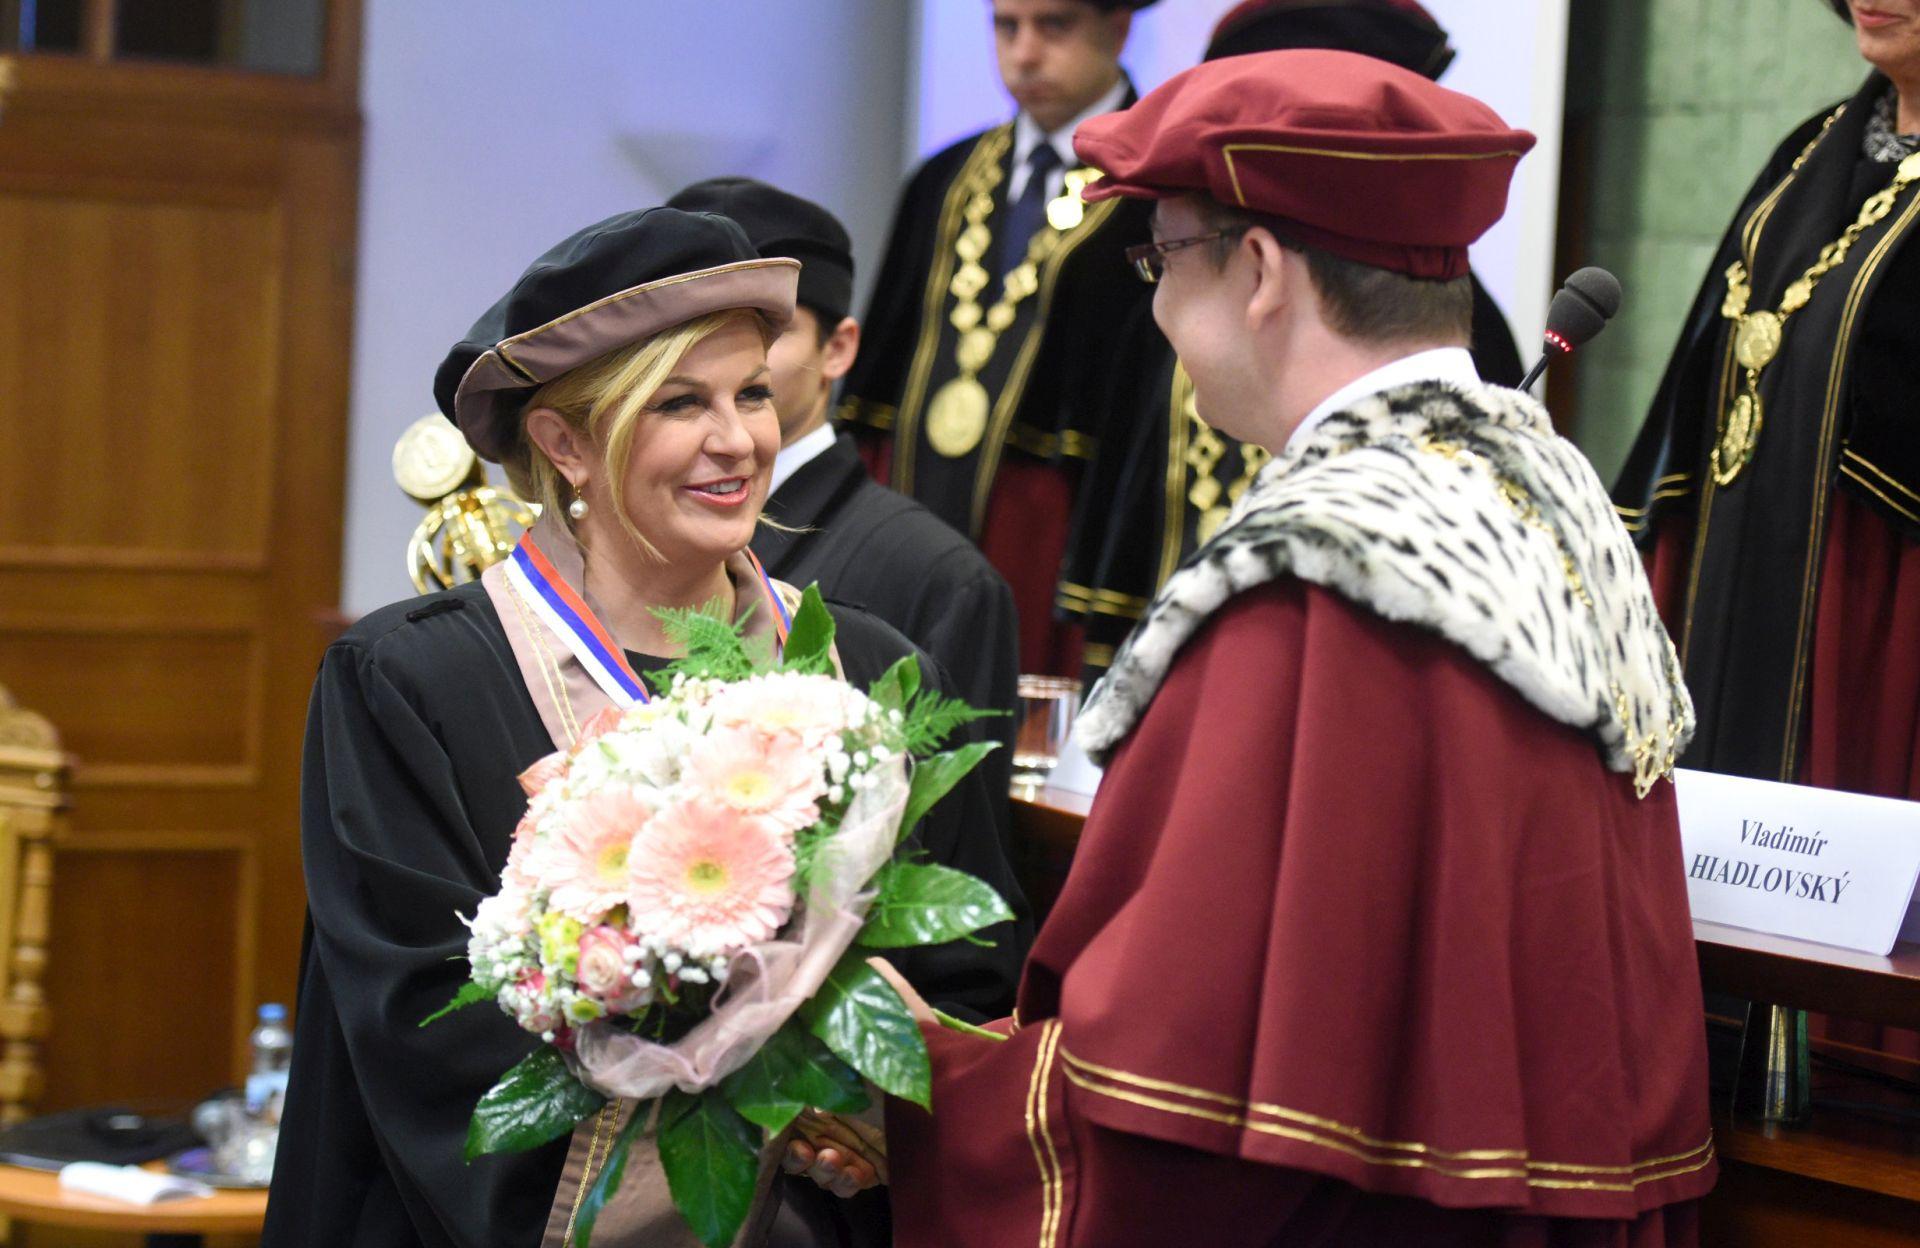 USPJEŠAN POSJET SLOVAČKOJ: Predsjednici dodijeljen počasni doktorat Sveučilišta Matej Bel